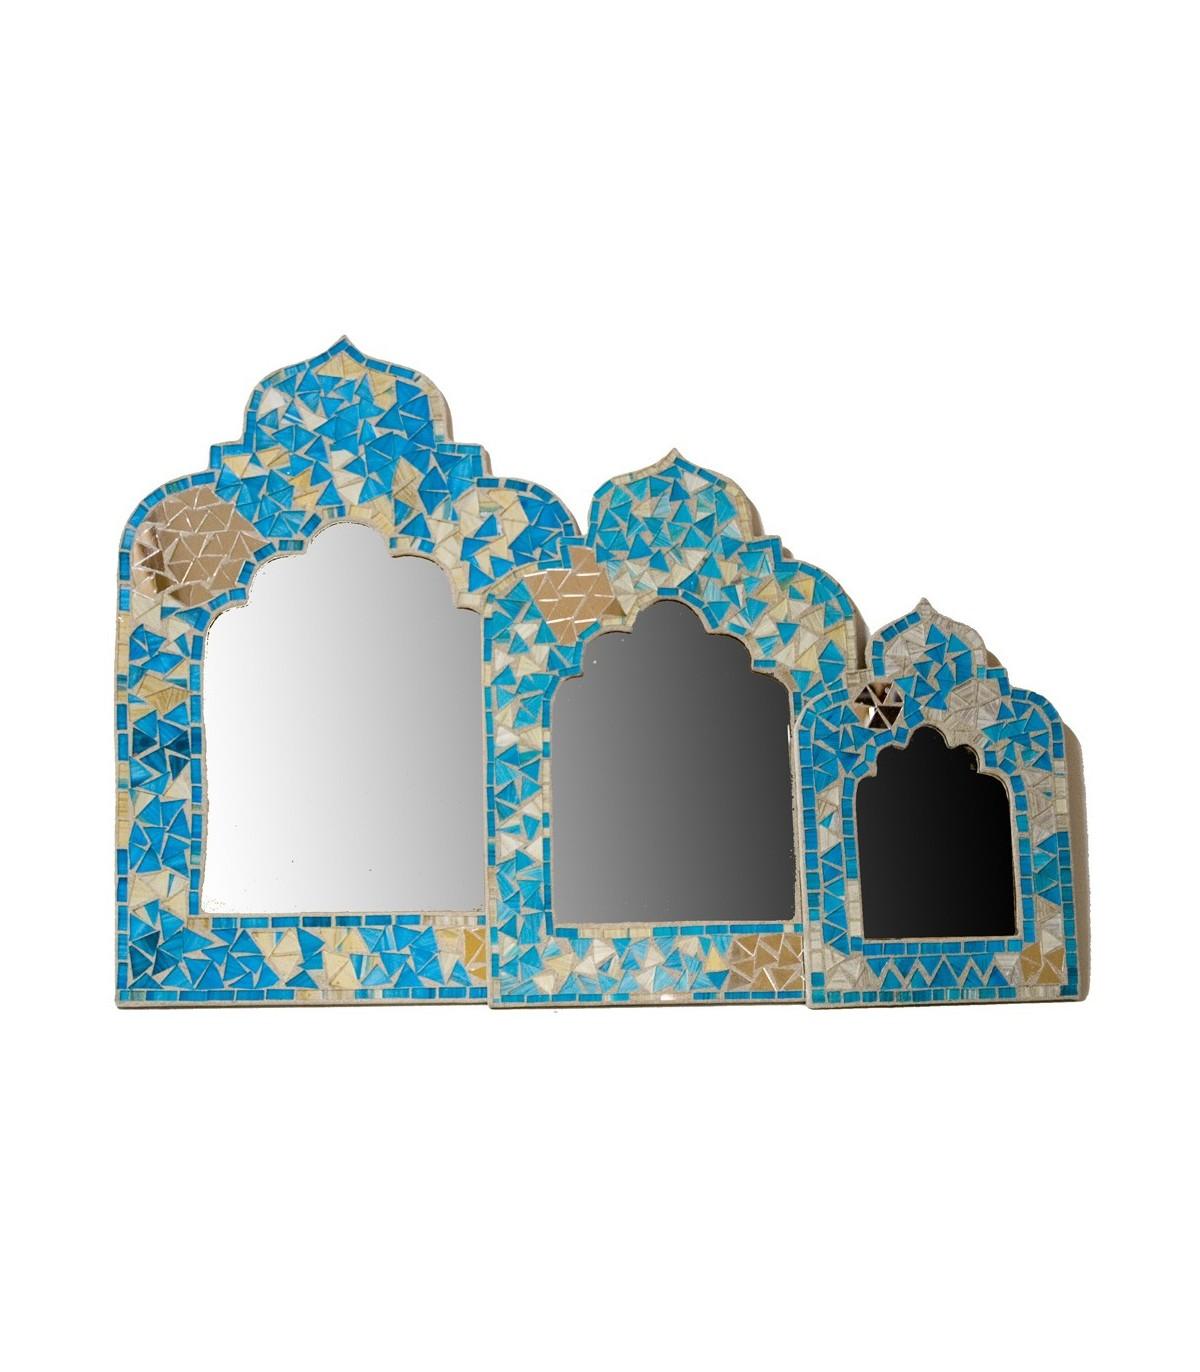 Il Mosaico E Gli Specchi 3.Specchio Mosaici Arabi Stile Andaluso E 2 Colori 3 Dimensioni